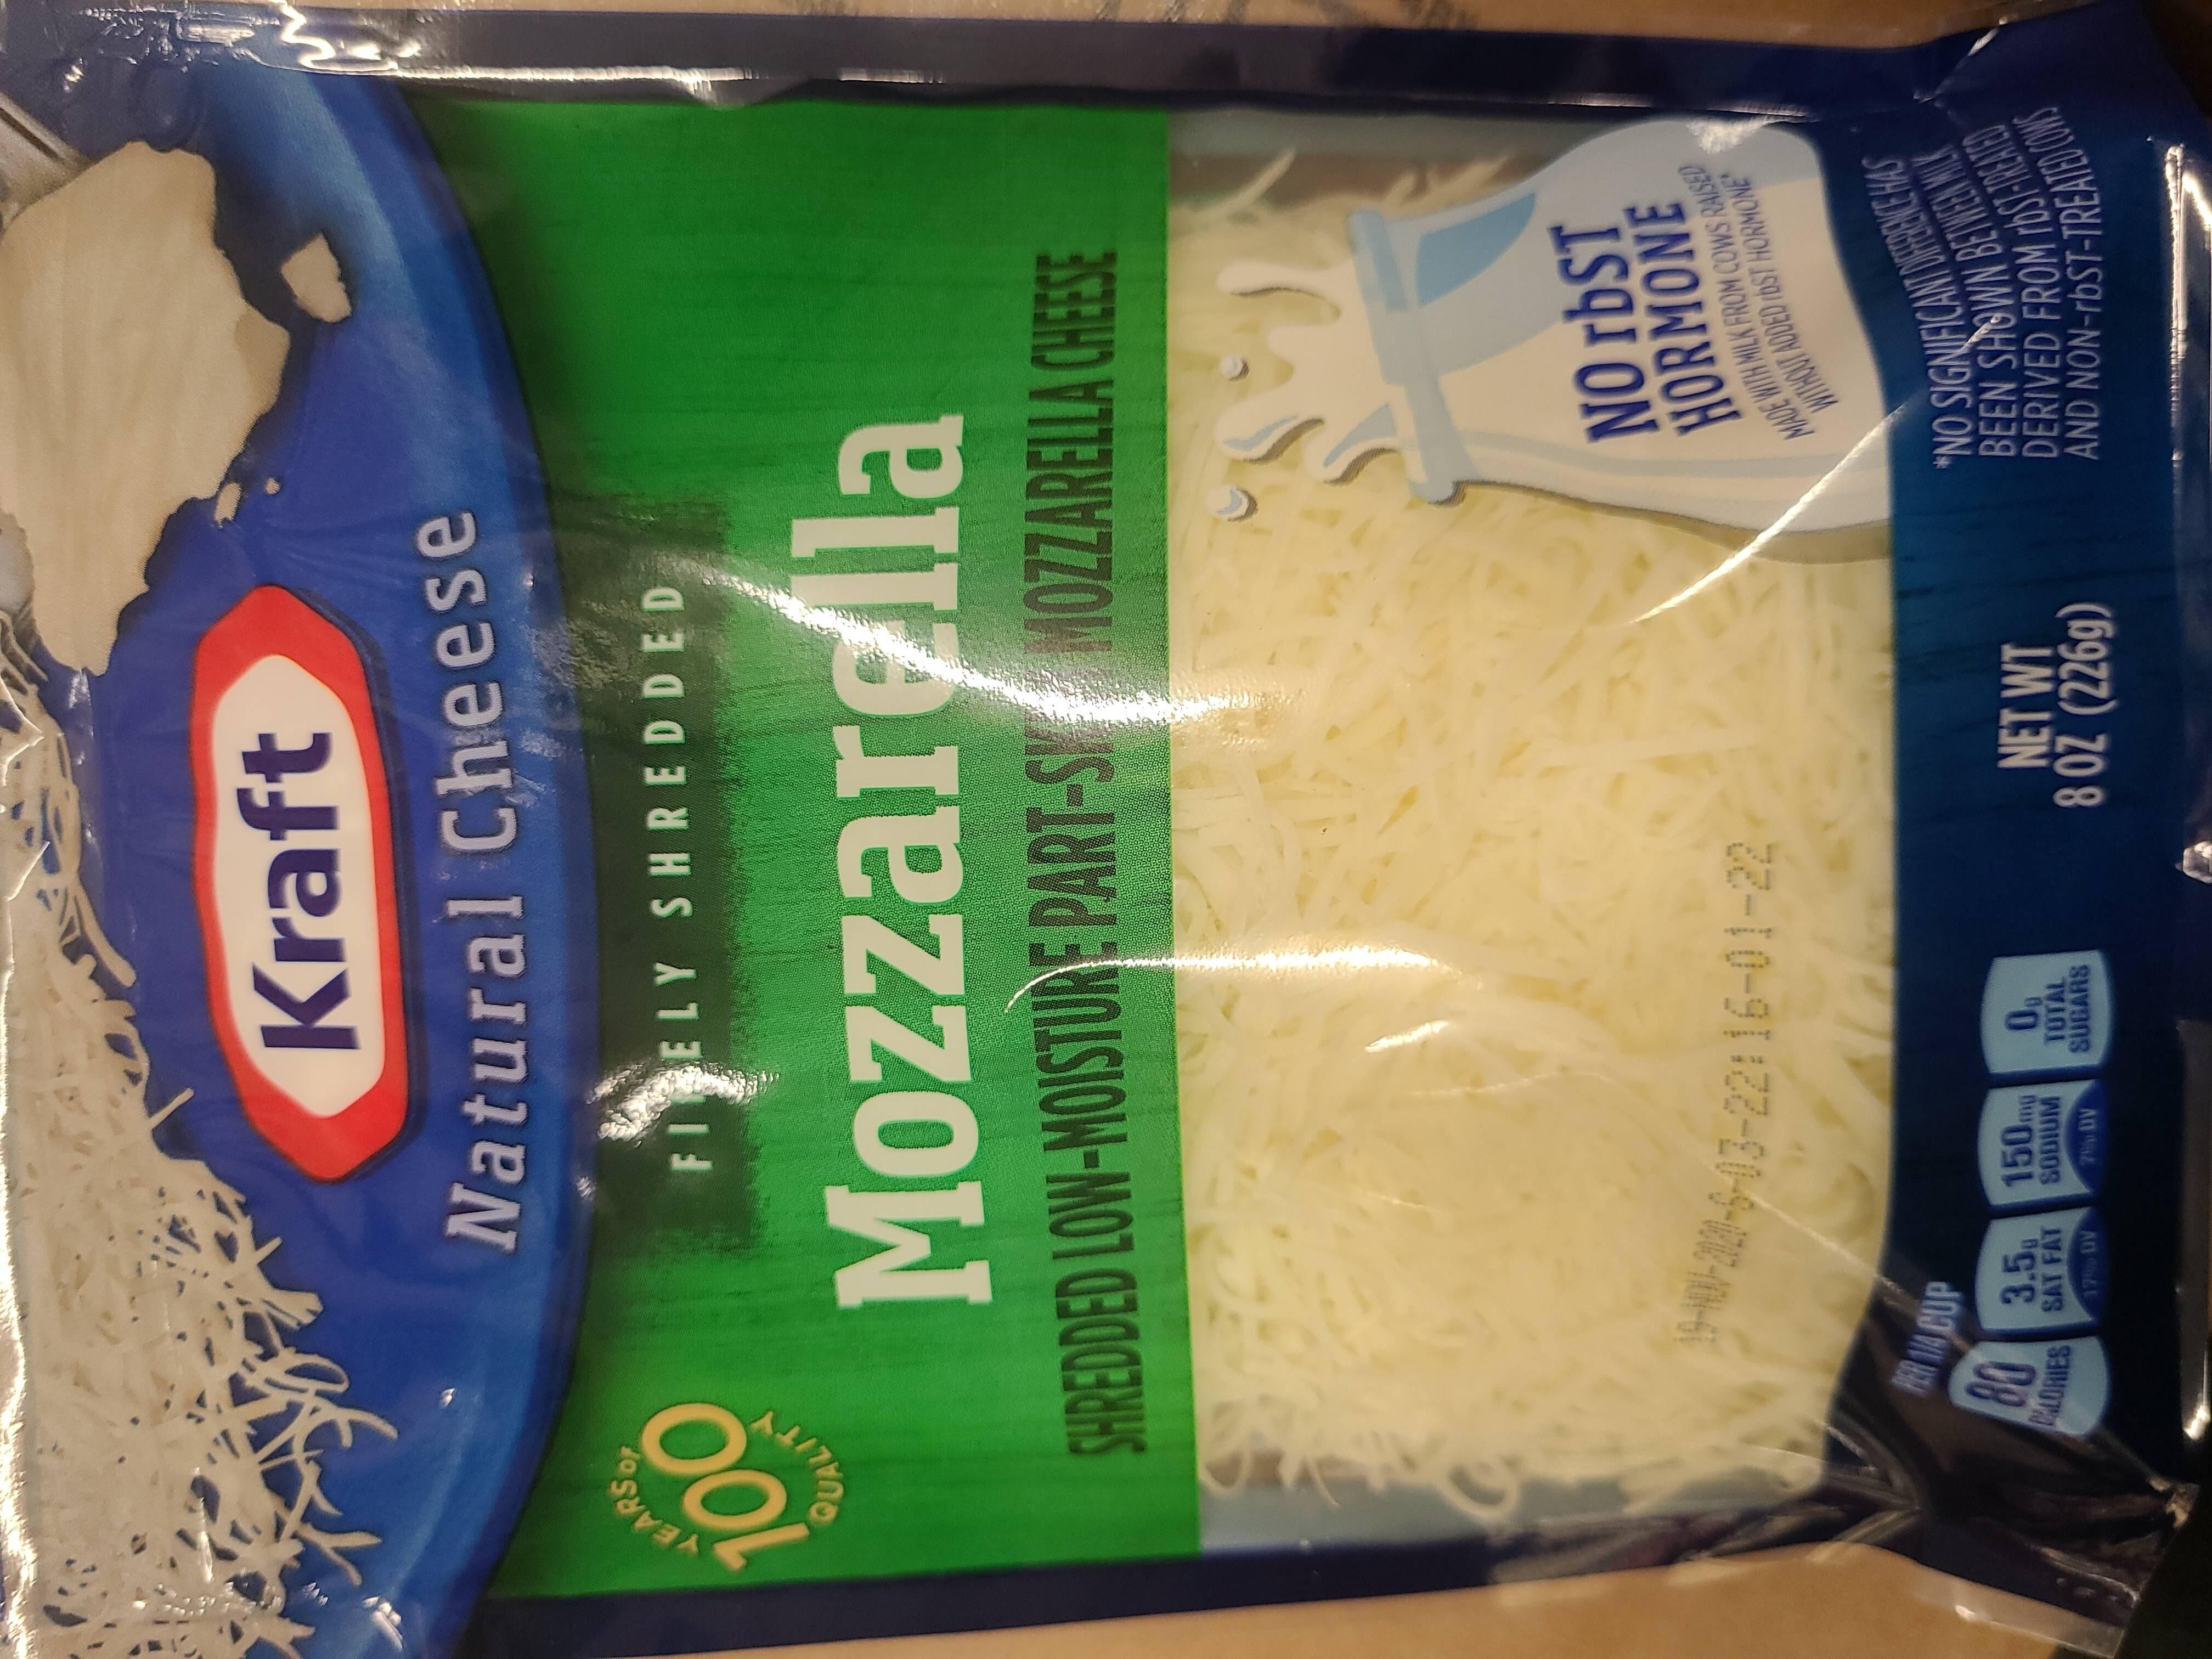 mozzarella cheese - Product - en